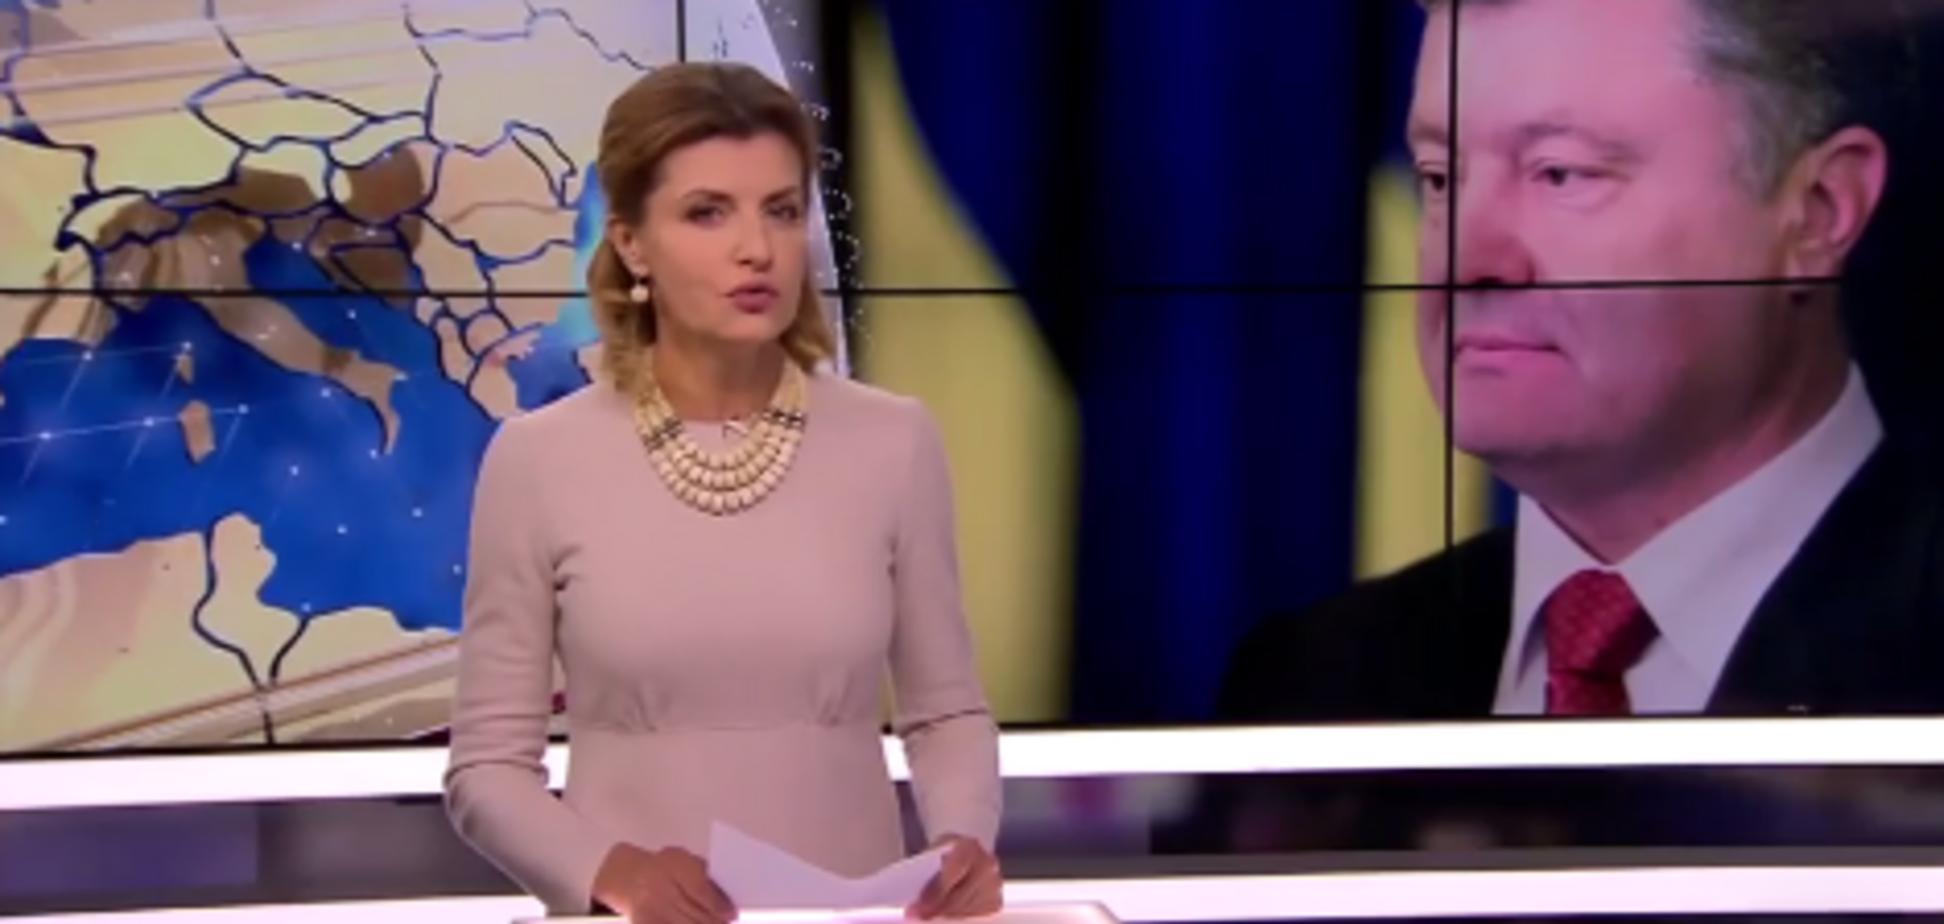 'Всегда на передовой': семья президента Порошенко оригинально поздравила его с Днем рождения